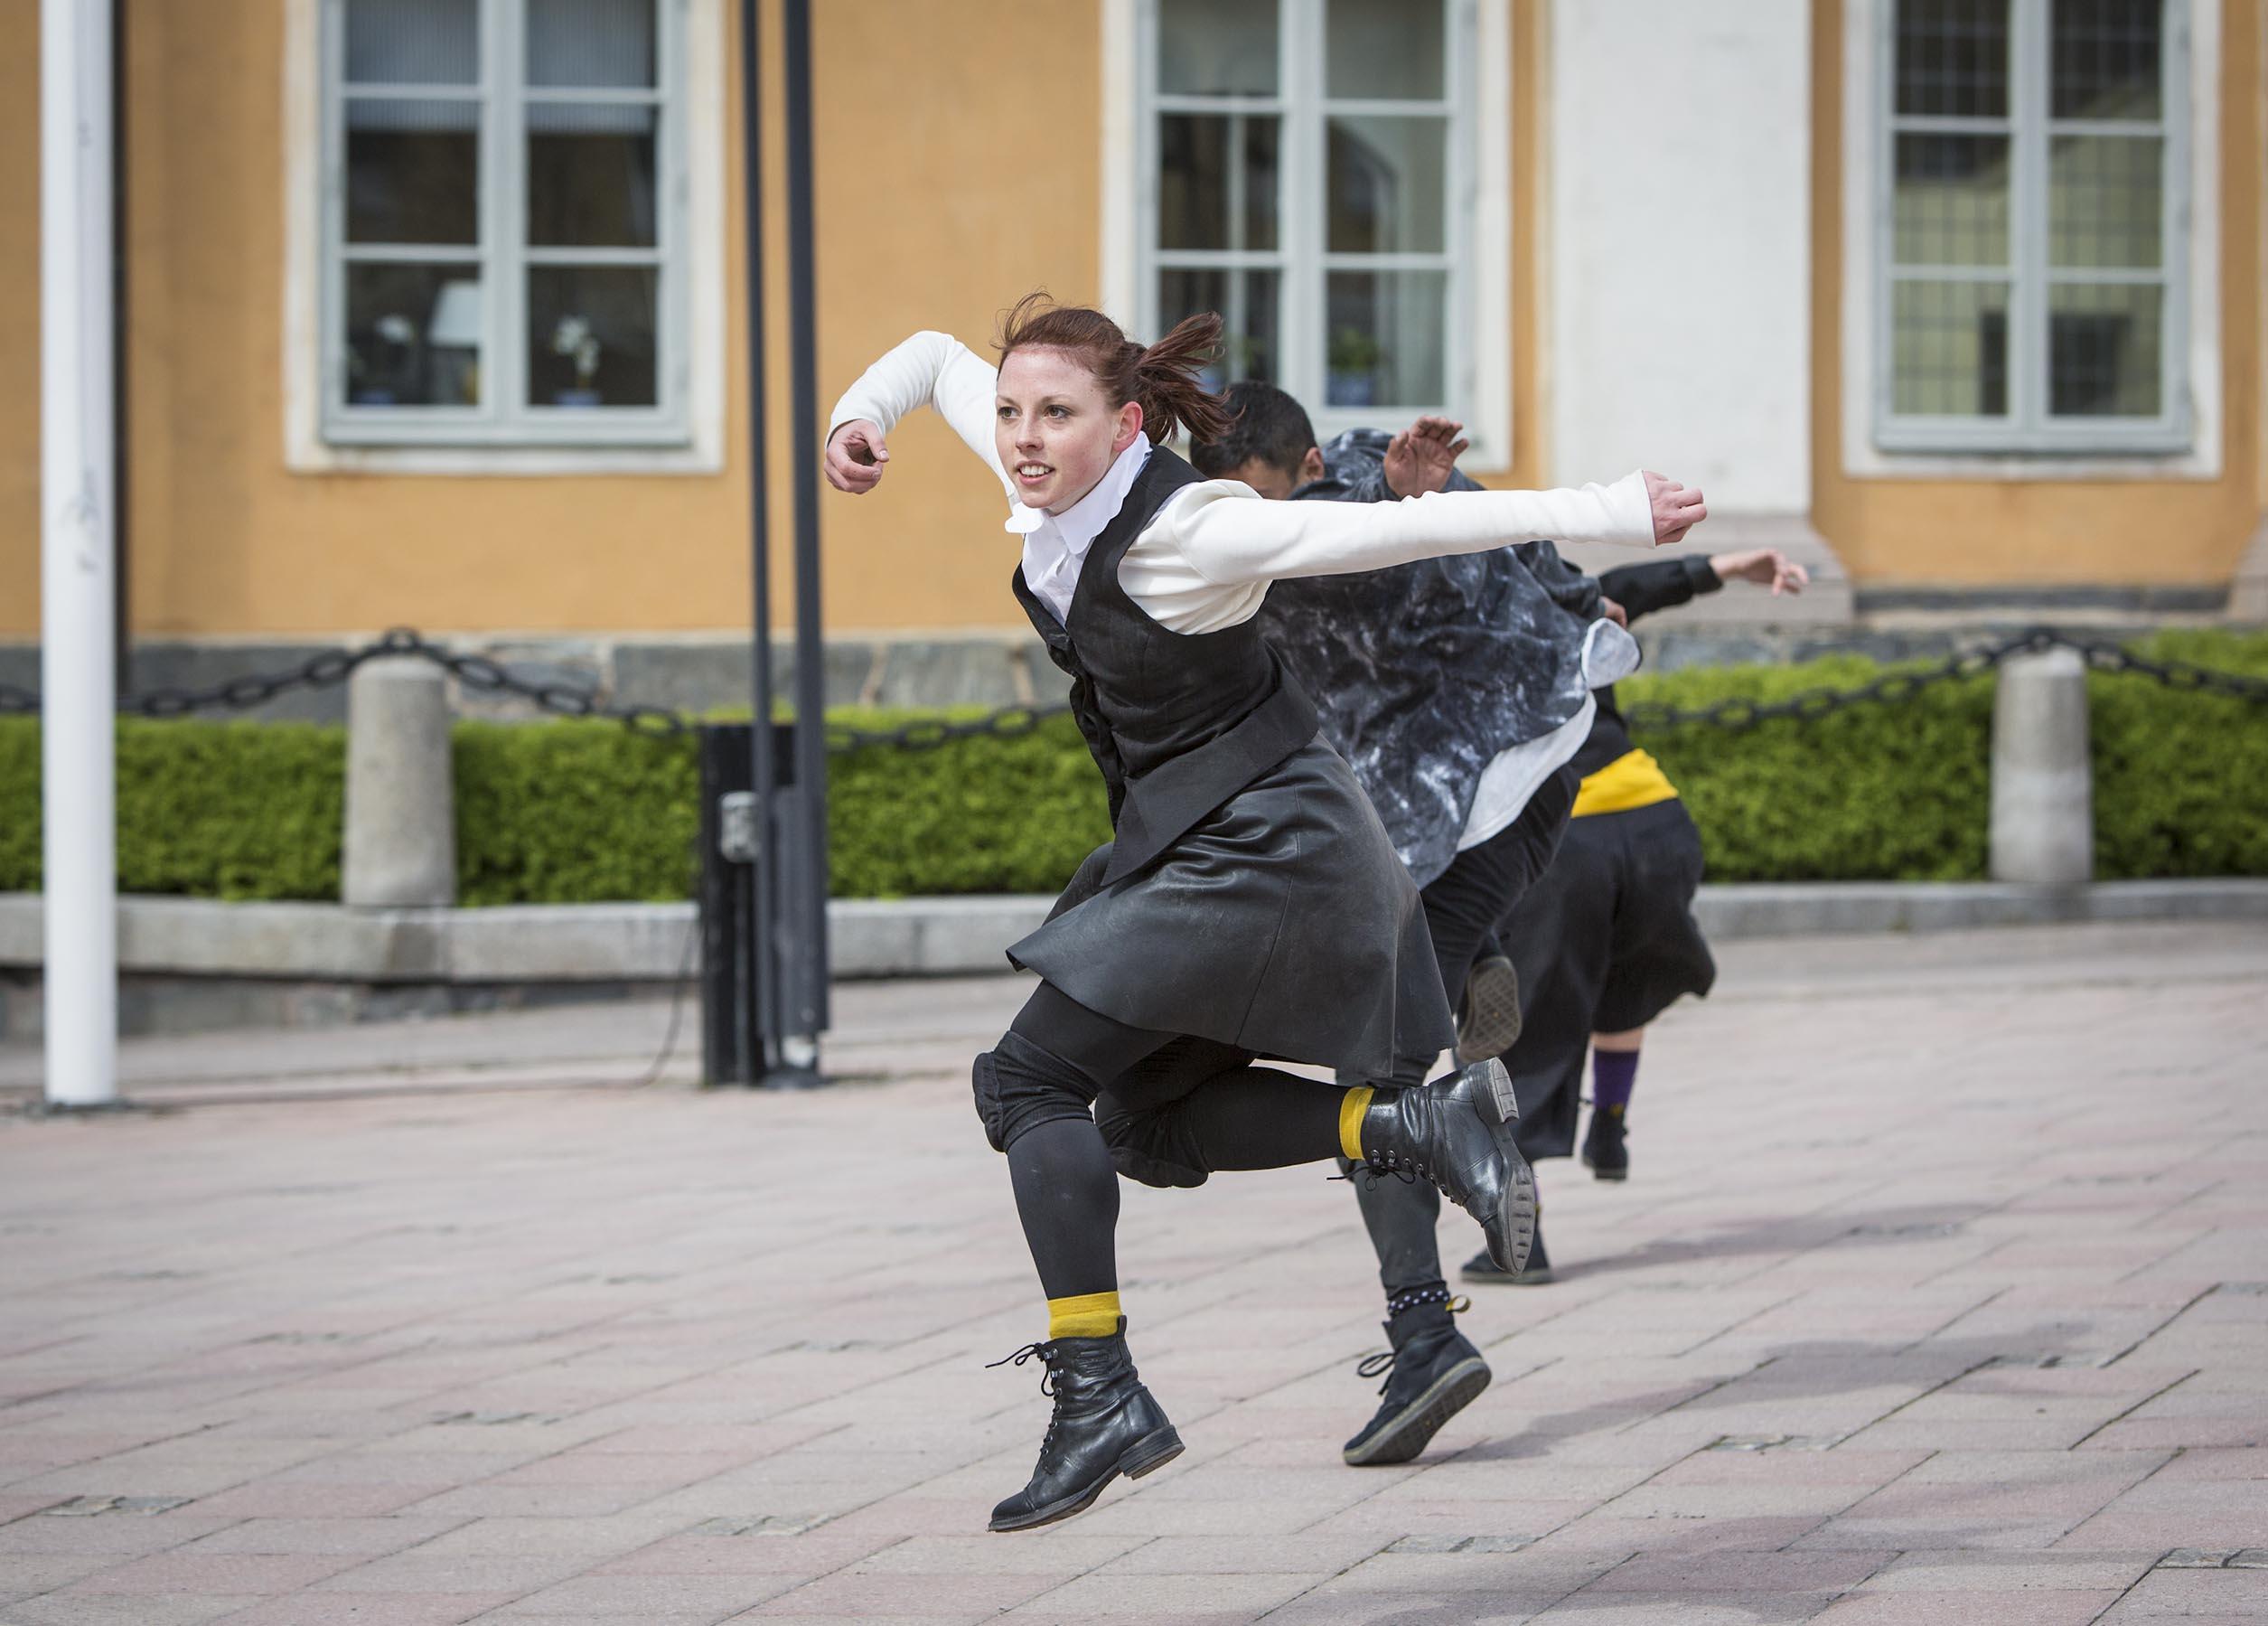 SJU GÅNGER SJU , NORRDANS sommar tuné program 2014